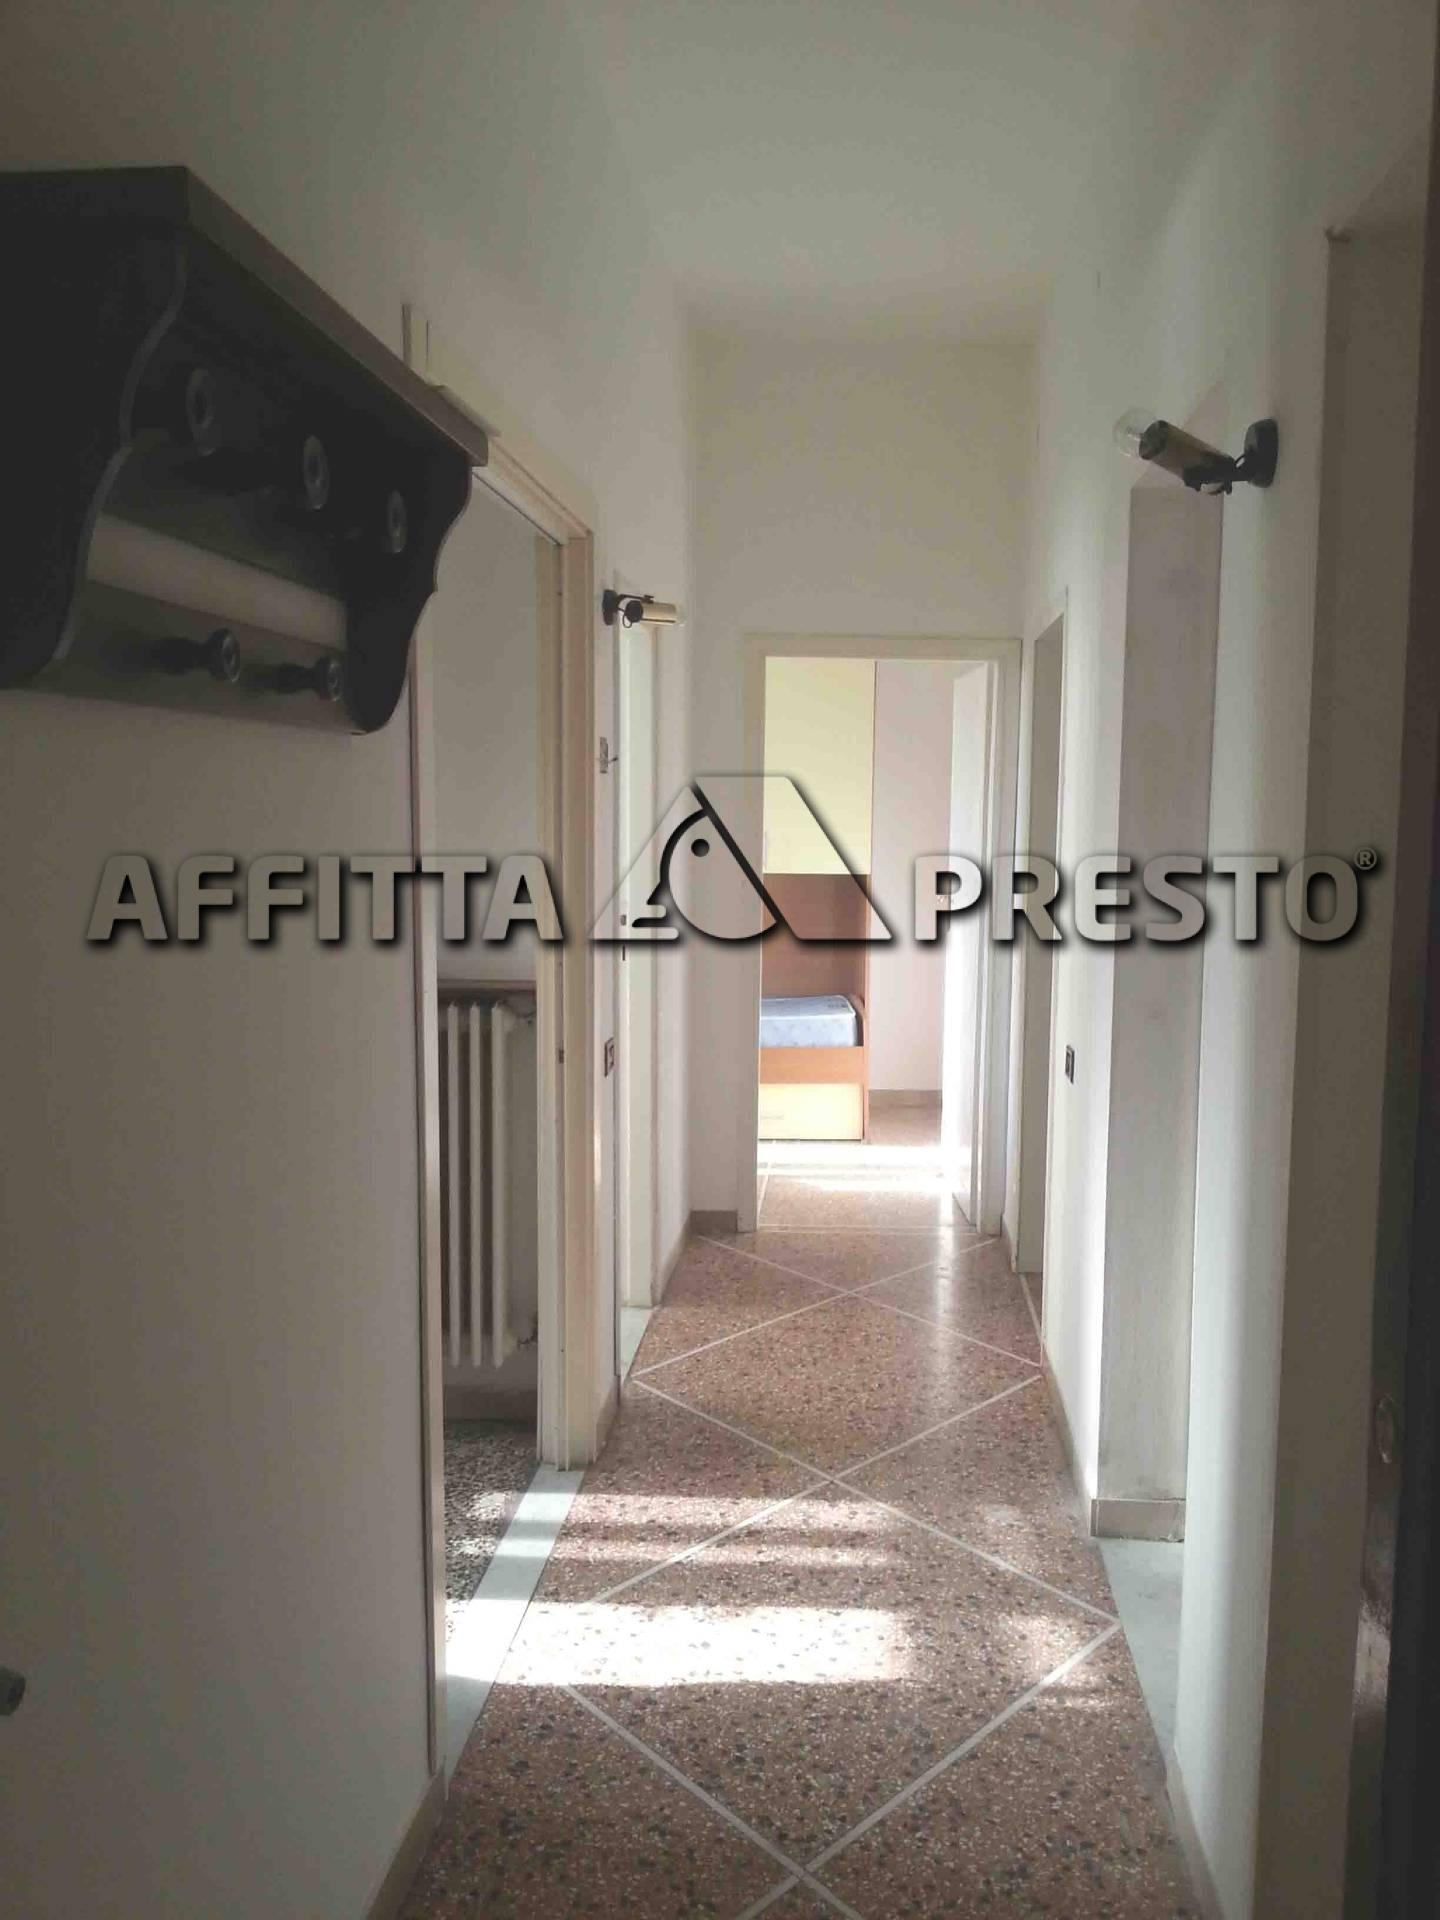 Appartamento in affitto a porta fiorentina pisa - Porta fiorentina pisa ...